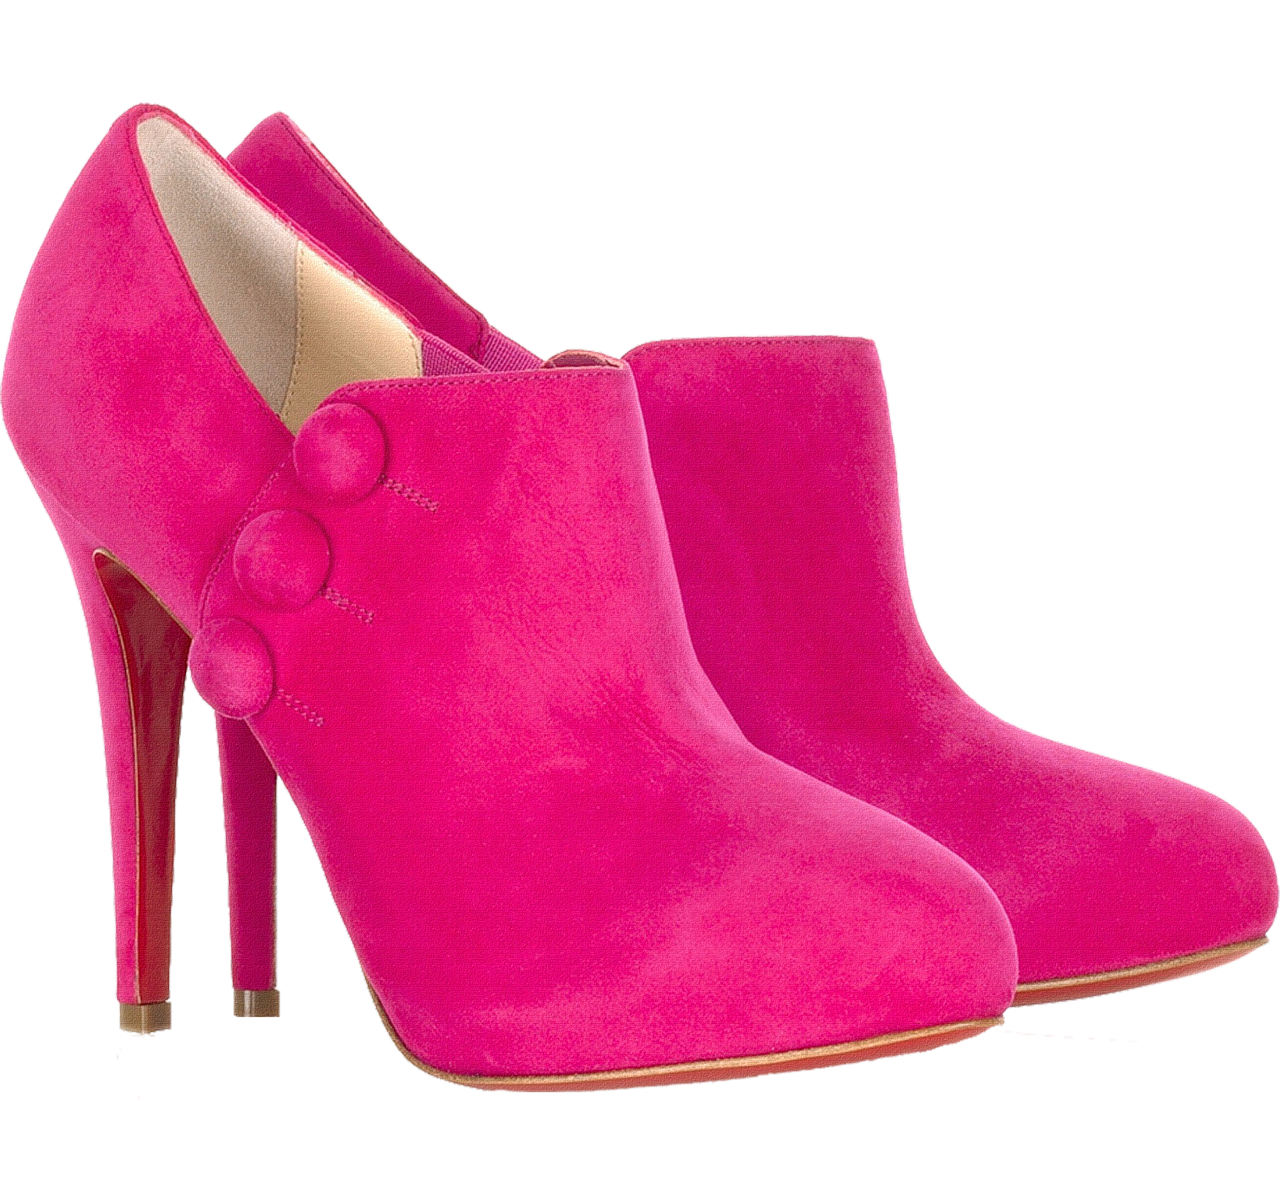 أنواع الأحذية النسائية-حذاء فوشيا